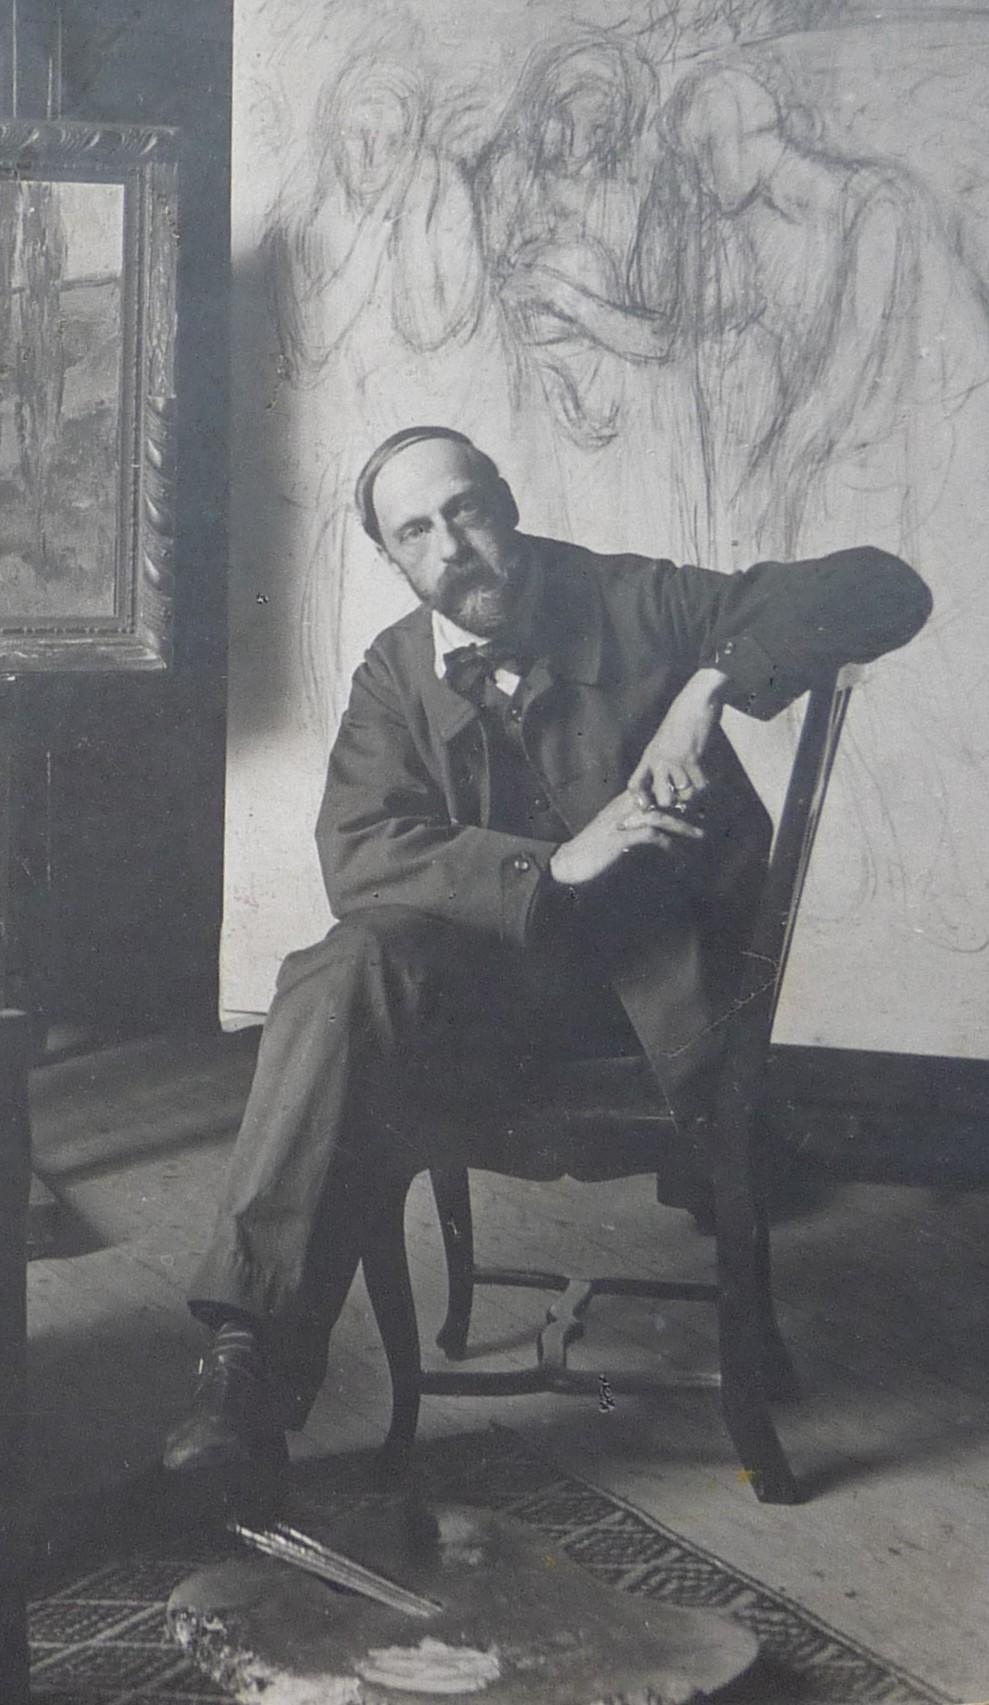 1908_Alfredo_Müller_dans_son_atelier,_73,_rue_Caulaincourt,_Paris